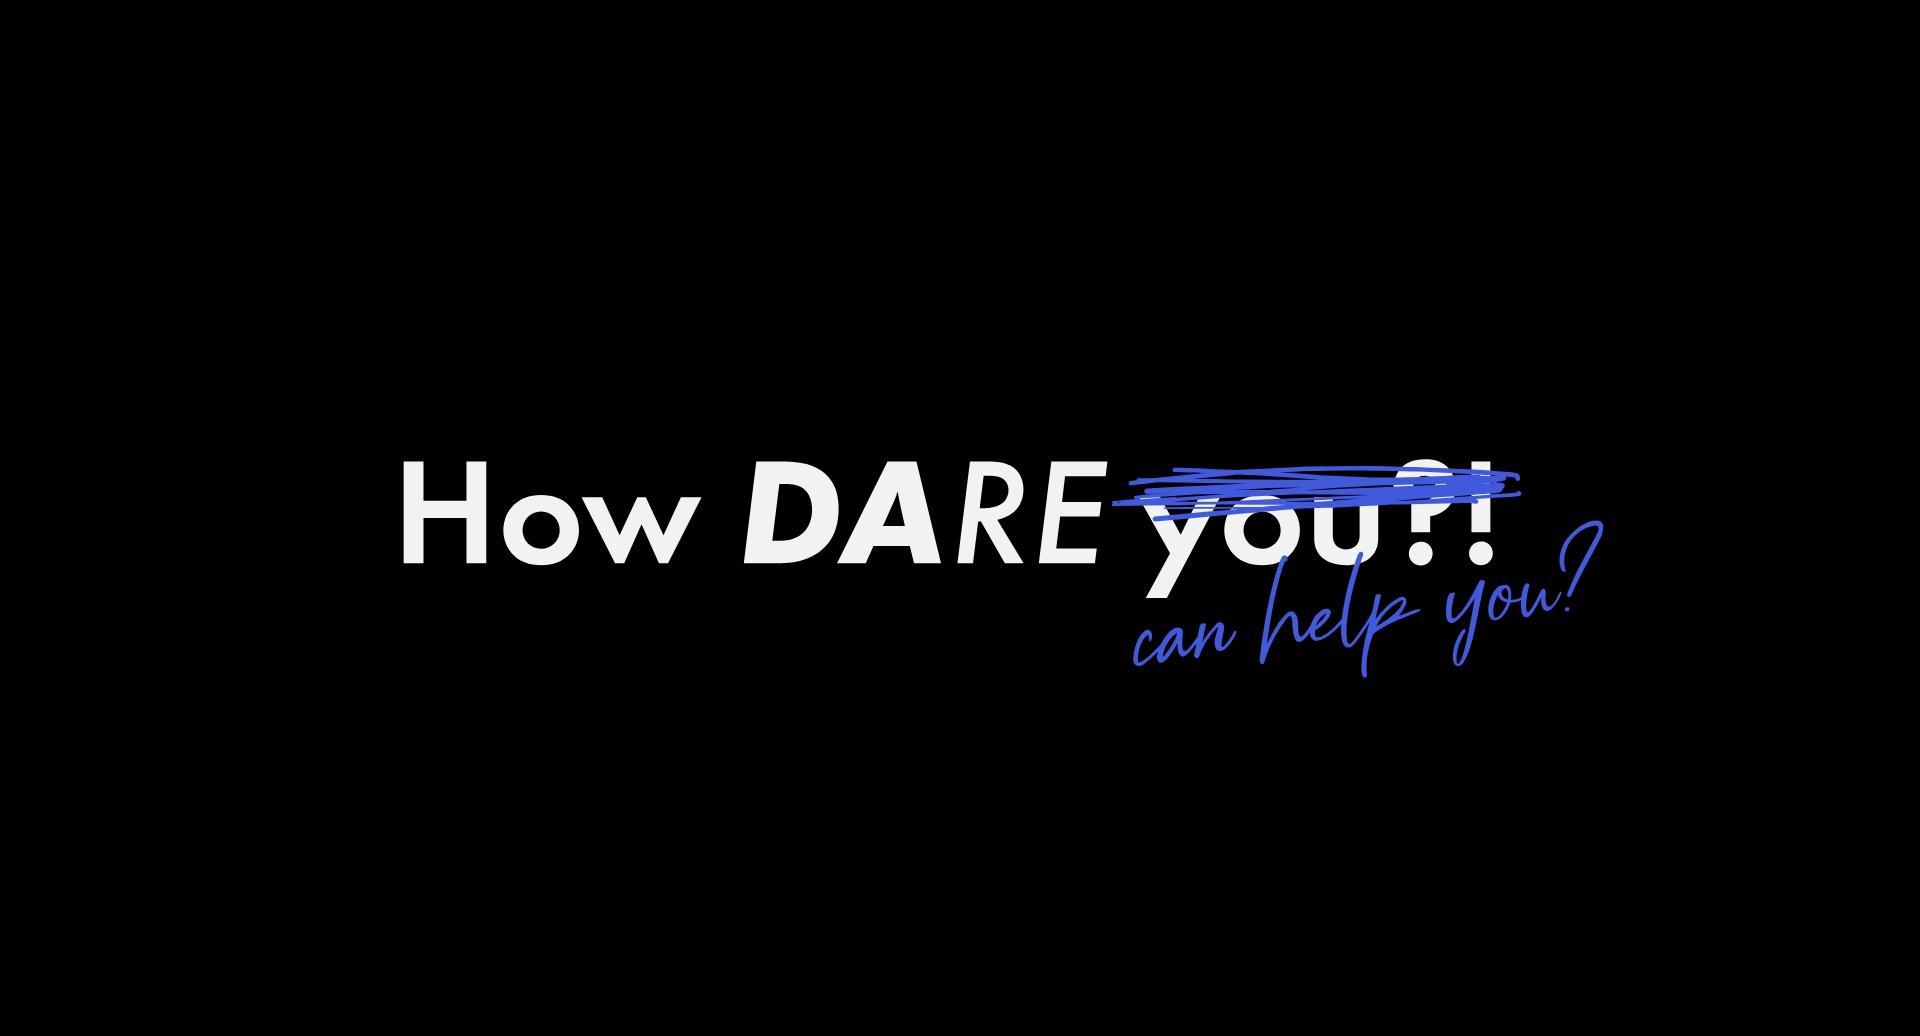 dare-cover-0.jpg